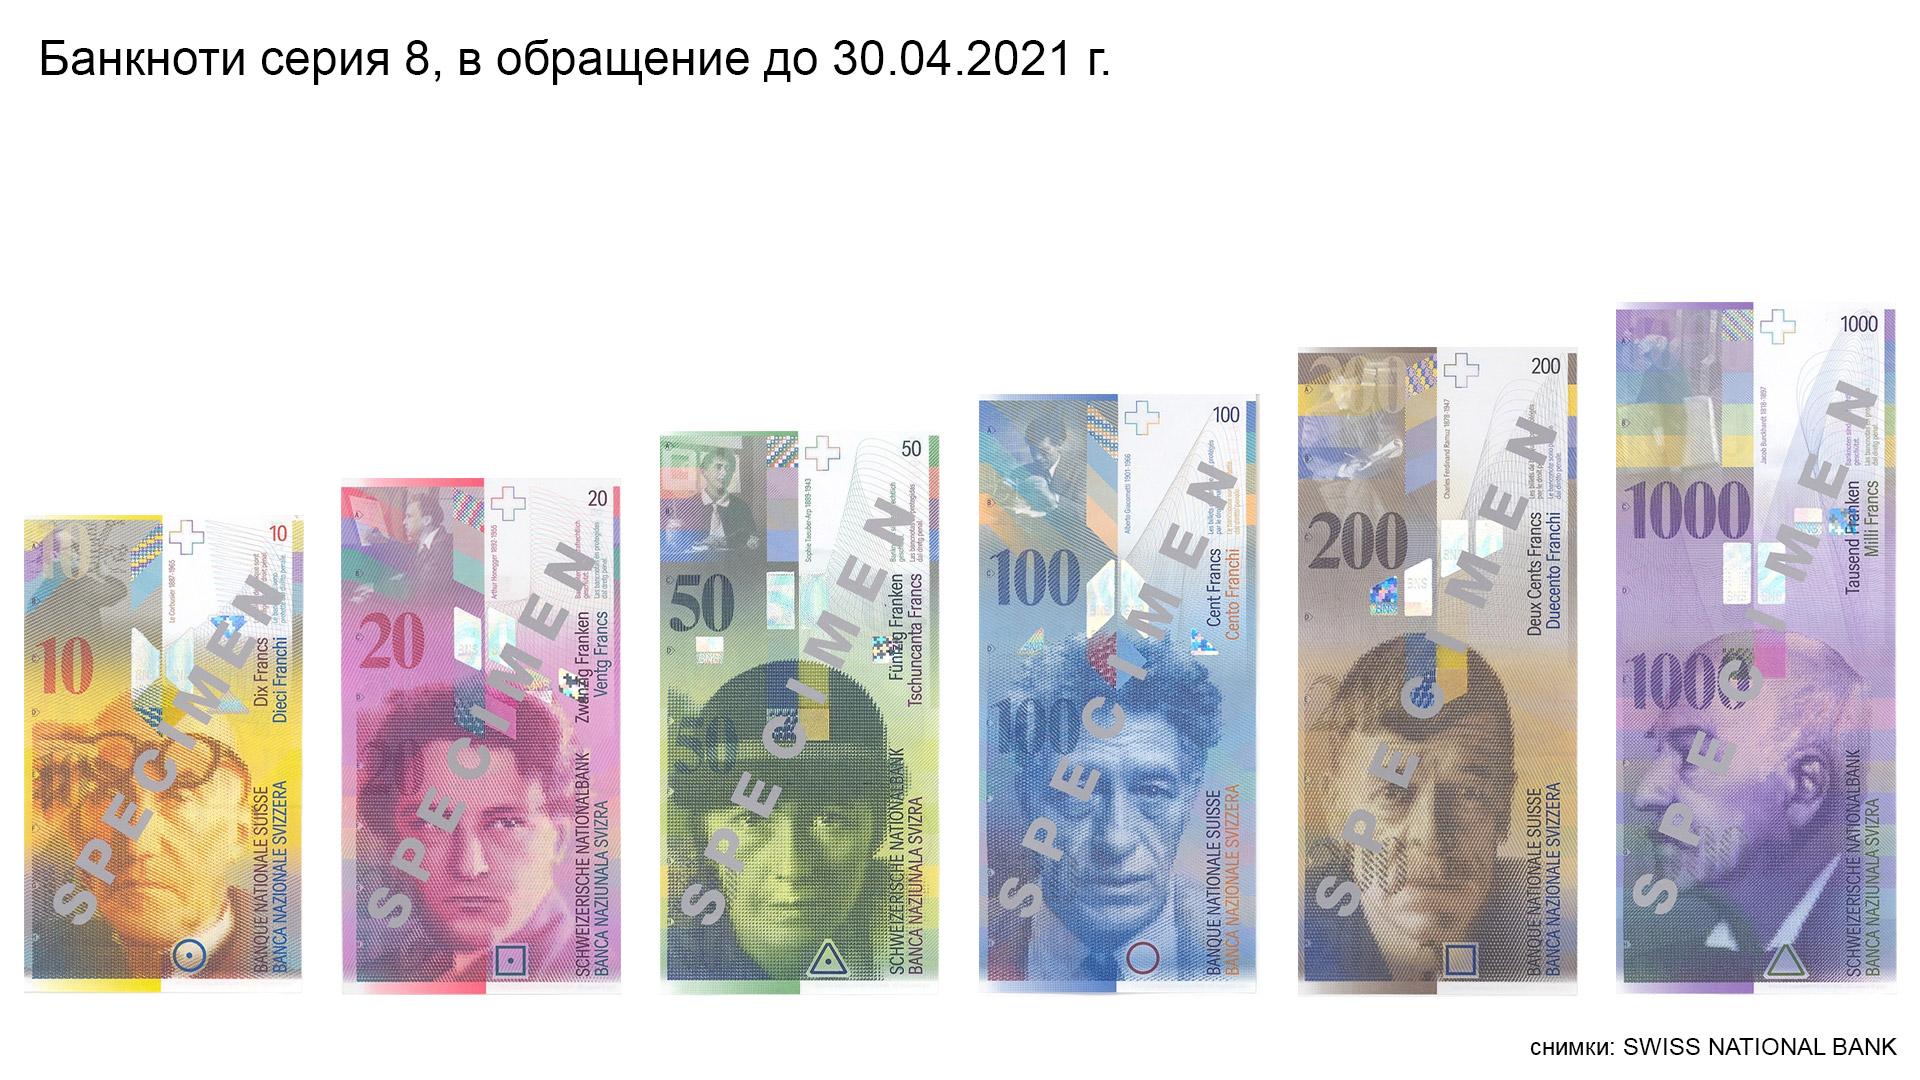 Швейцарска национална банка - осма серия банкноти